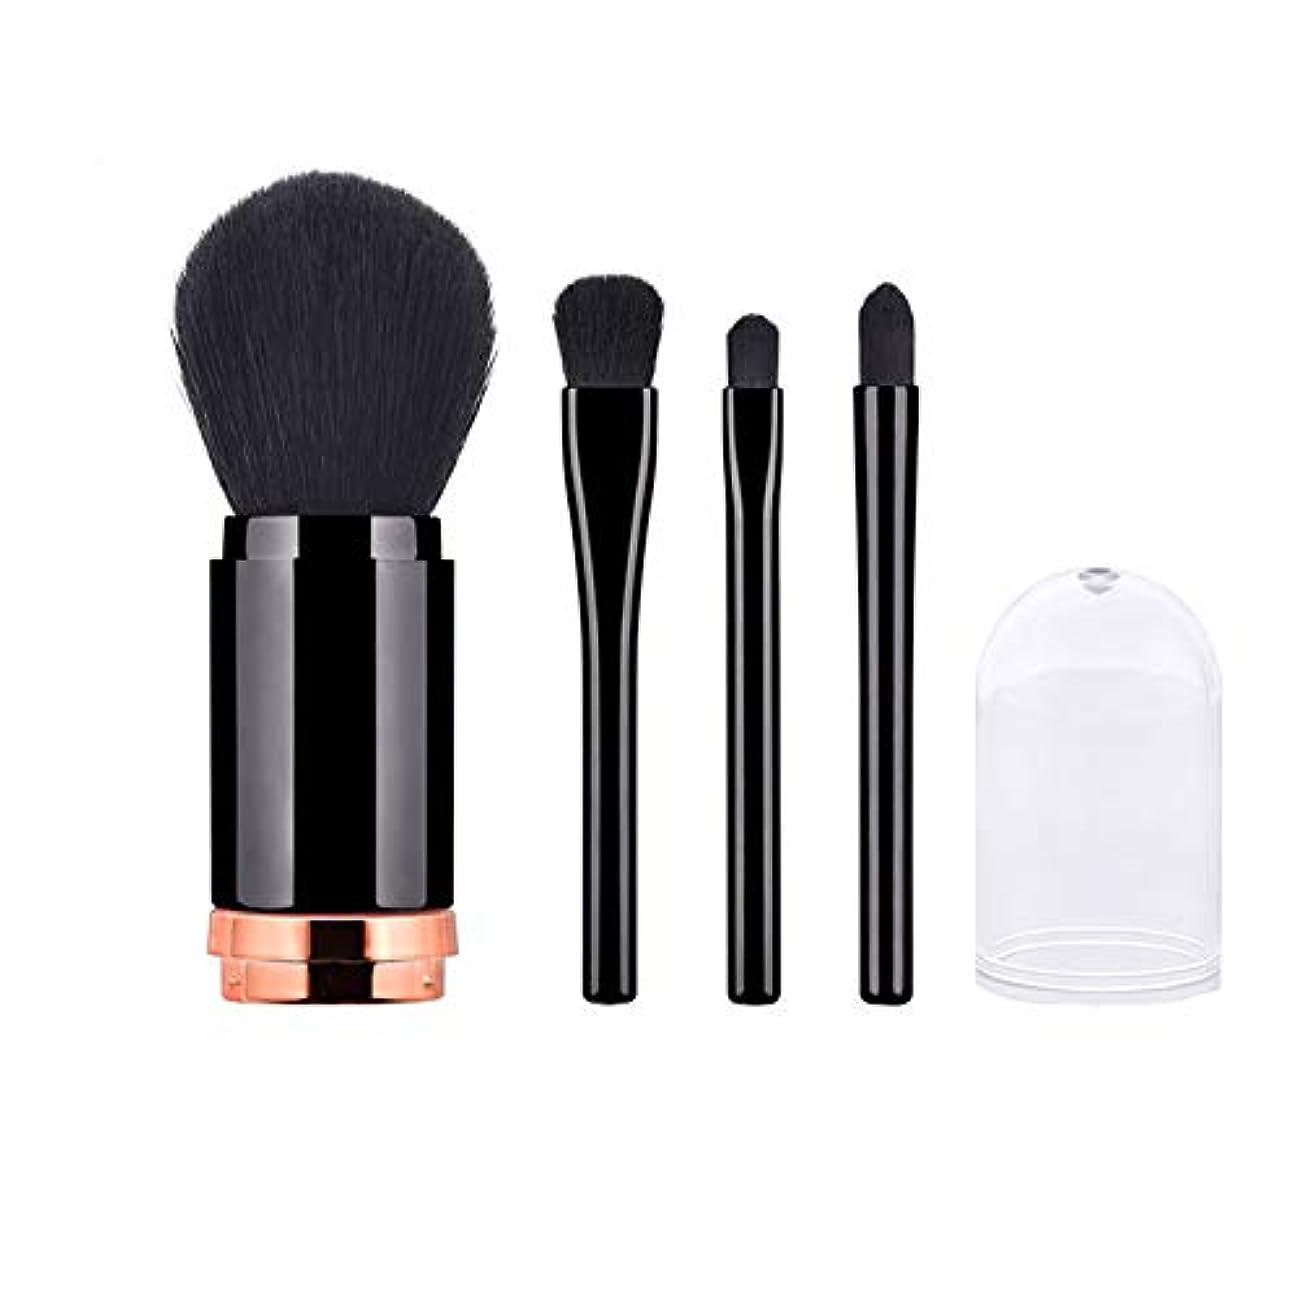 コンサルタントインタラクション困難1女性に付き4引き込み式の柔らかい基礎粉の構造のブラシ化粧品用具 - 黒